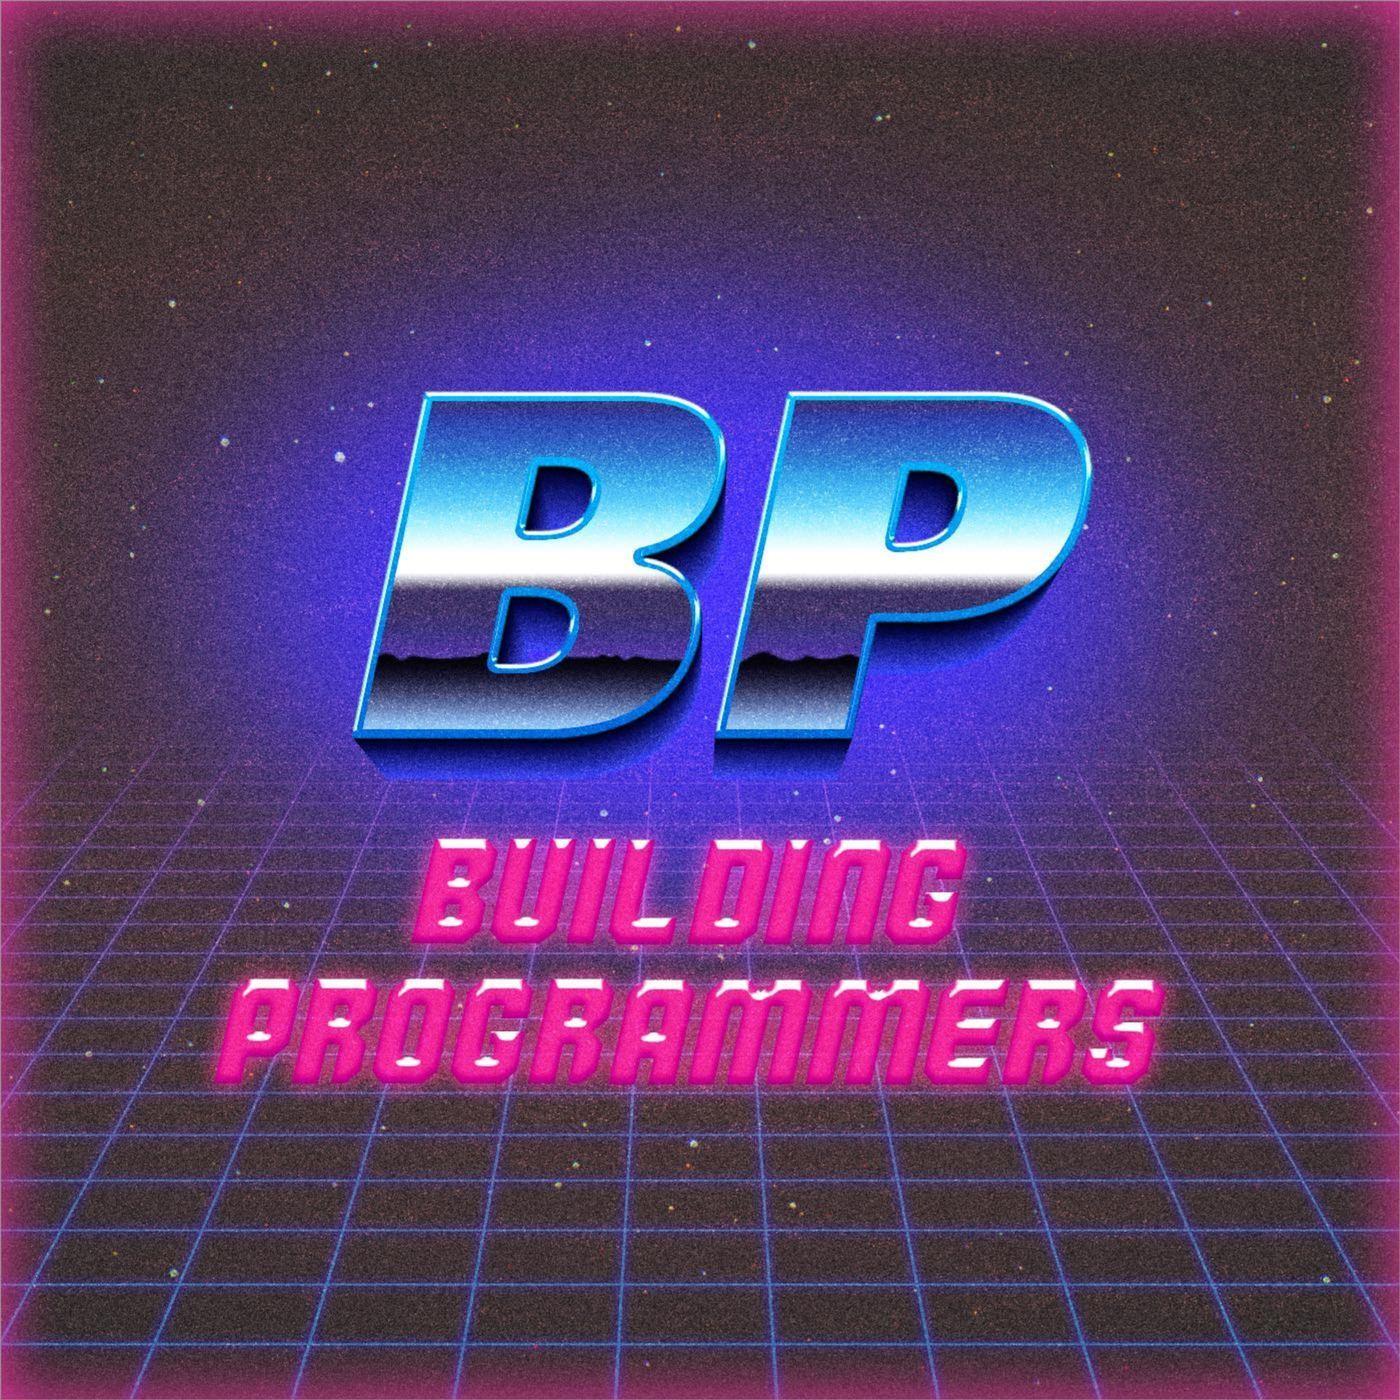 buildingprogrammers.jpg